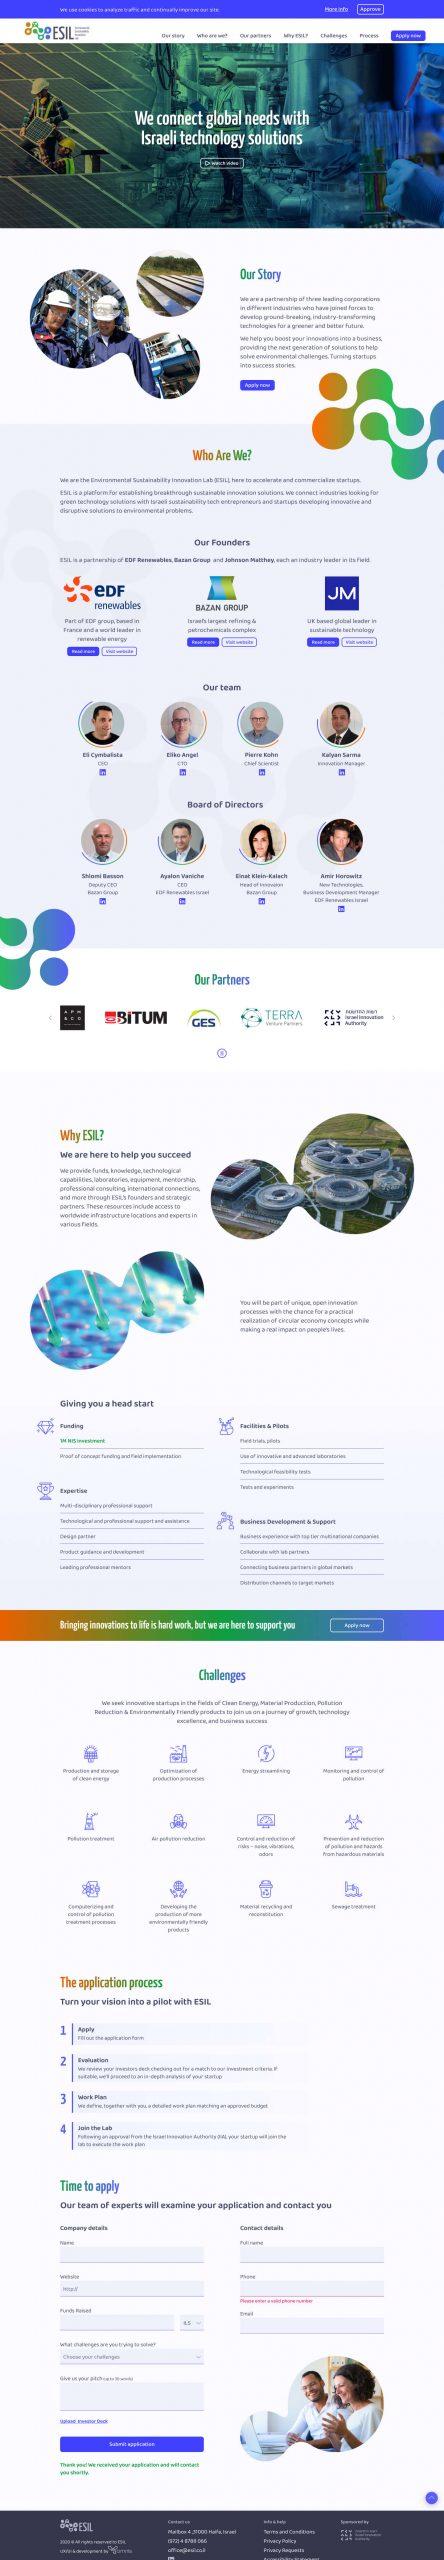 ESIL Screenshot